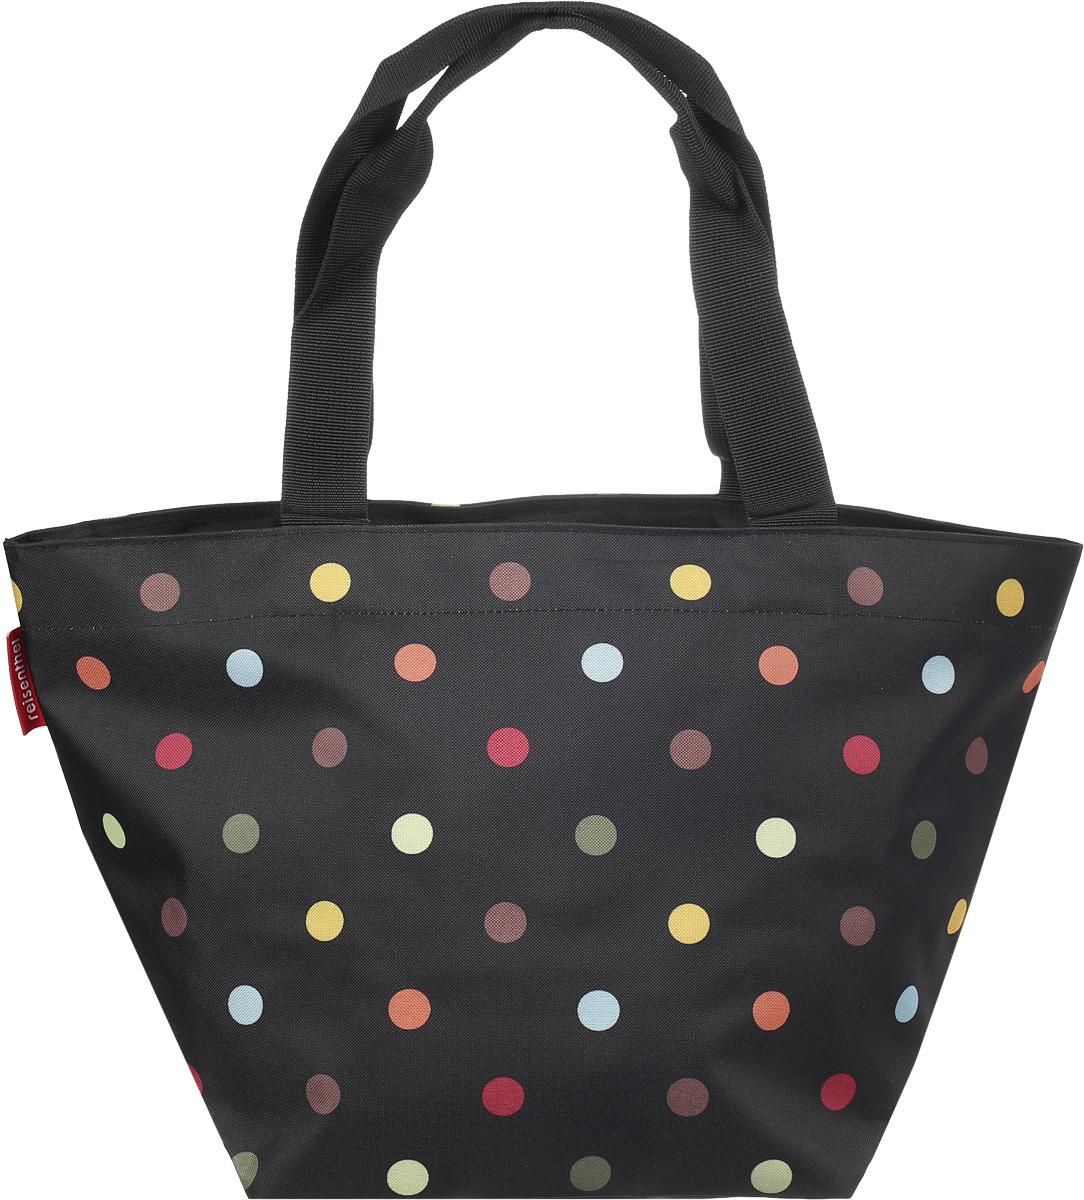 Сумка женская Reisenthel, цвет: черный, разноцветный. ZS7009 сумка женская reisenthel цвет бежевый черный ms7027